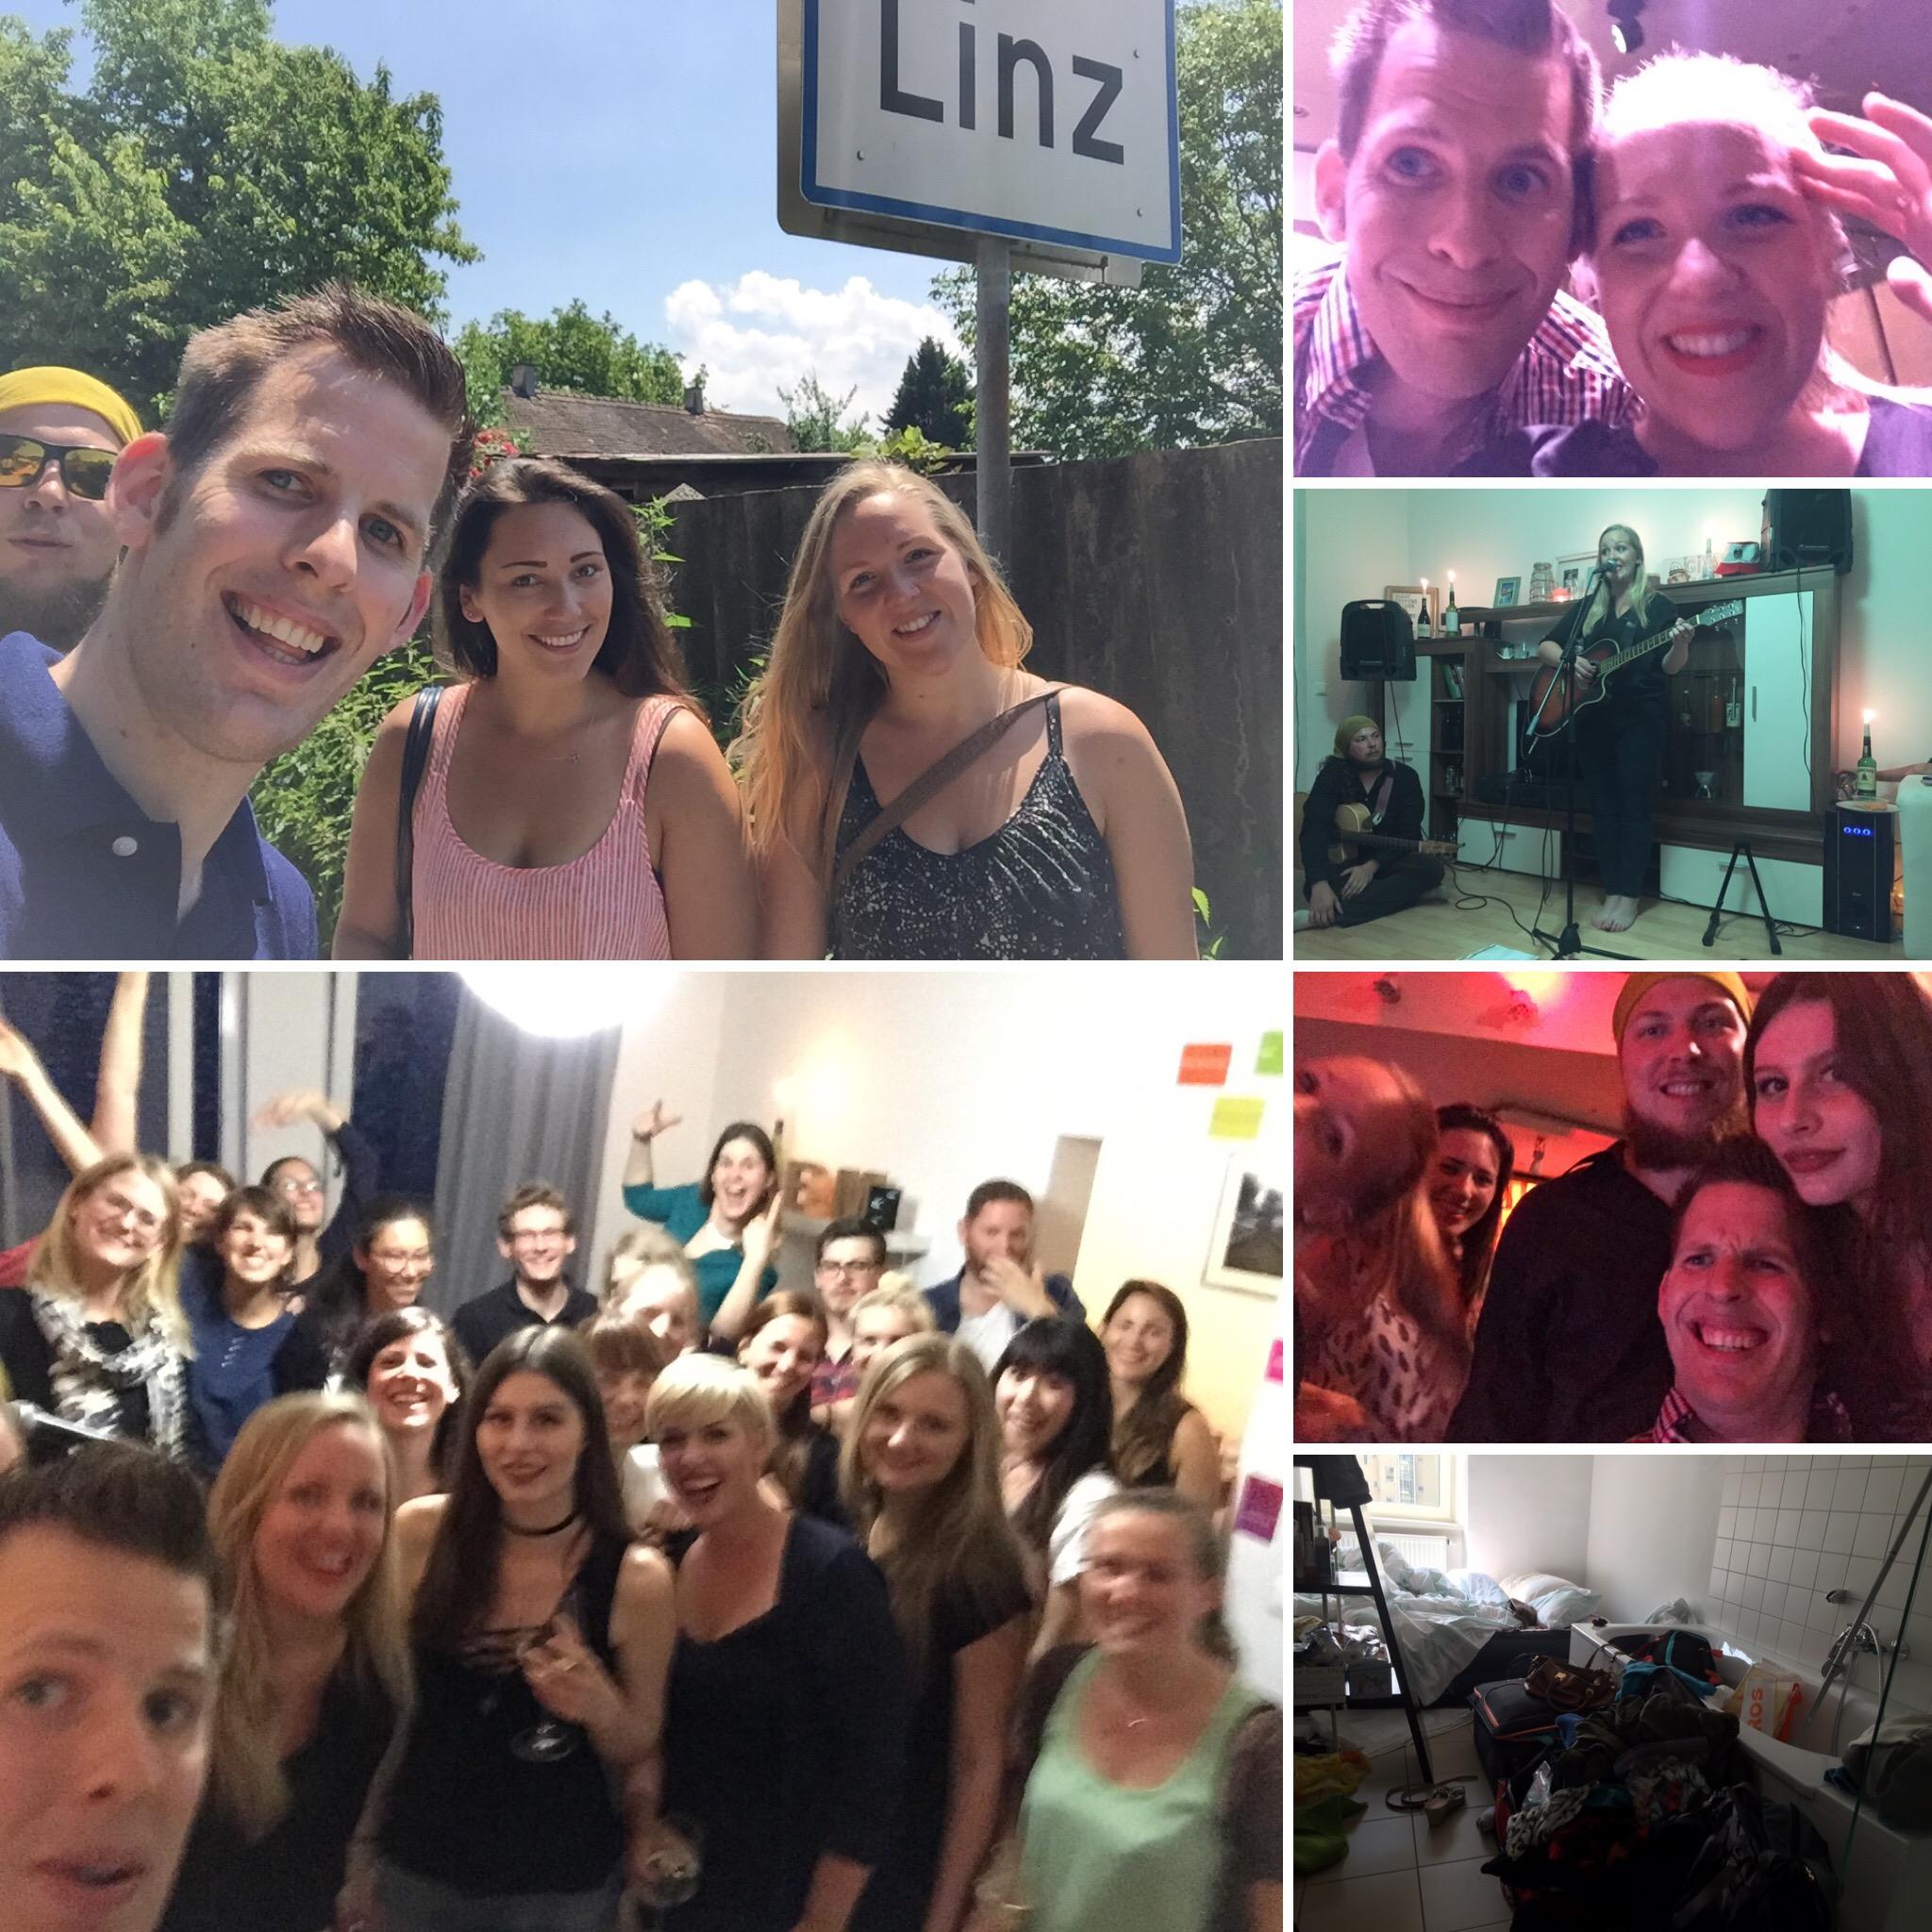 Wohnzimmerkonzert Phillip Burmester Digital Business Management Linz Sofa Concert